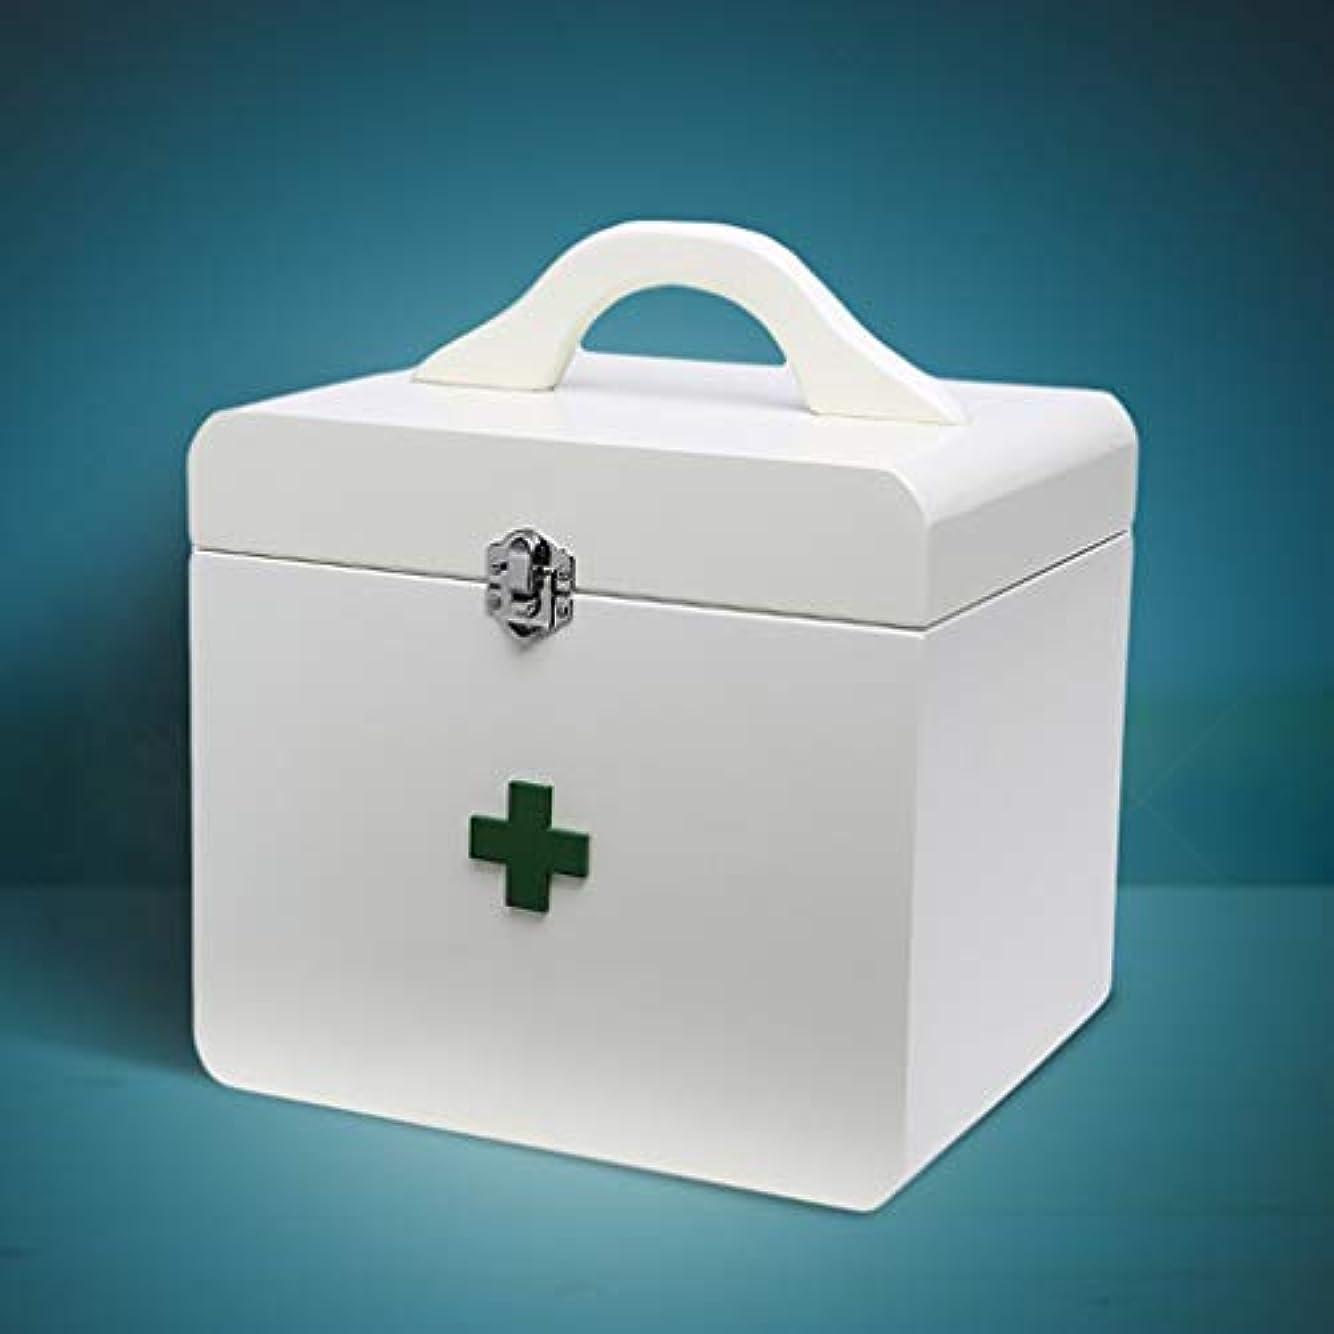 風味評論家適応的家庭用薬箱木の薬箱健康ボックス赤ちゃん子供薬収納ボックス 薬箱 (Color : White, Size : 22cm×17.5cm×24.5cm)